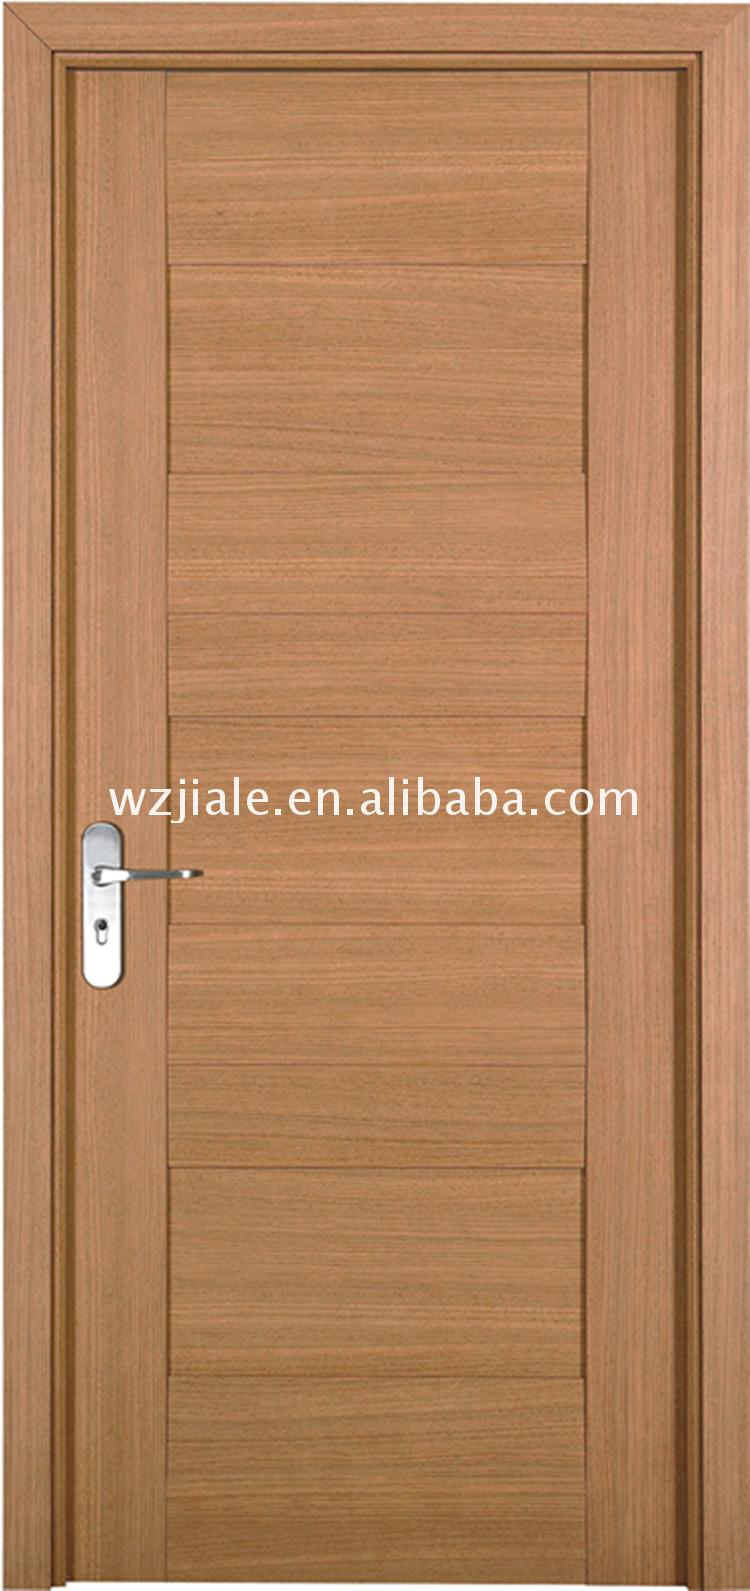 wood door designs in pakistan wood door designs in pakistan wood door designs in pakistan wood door designs in pakistan suppliers and manufacturers at alibaba com